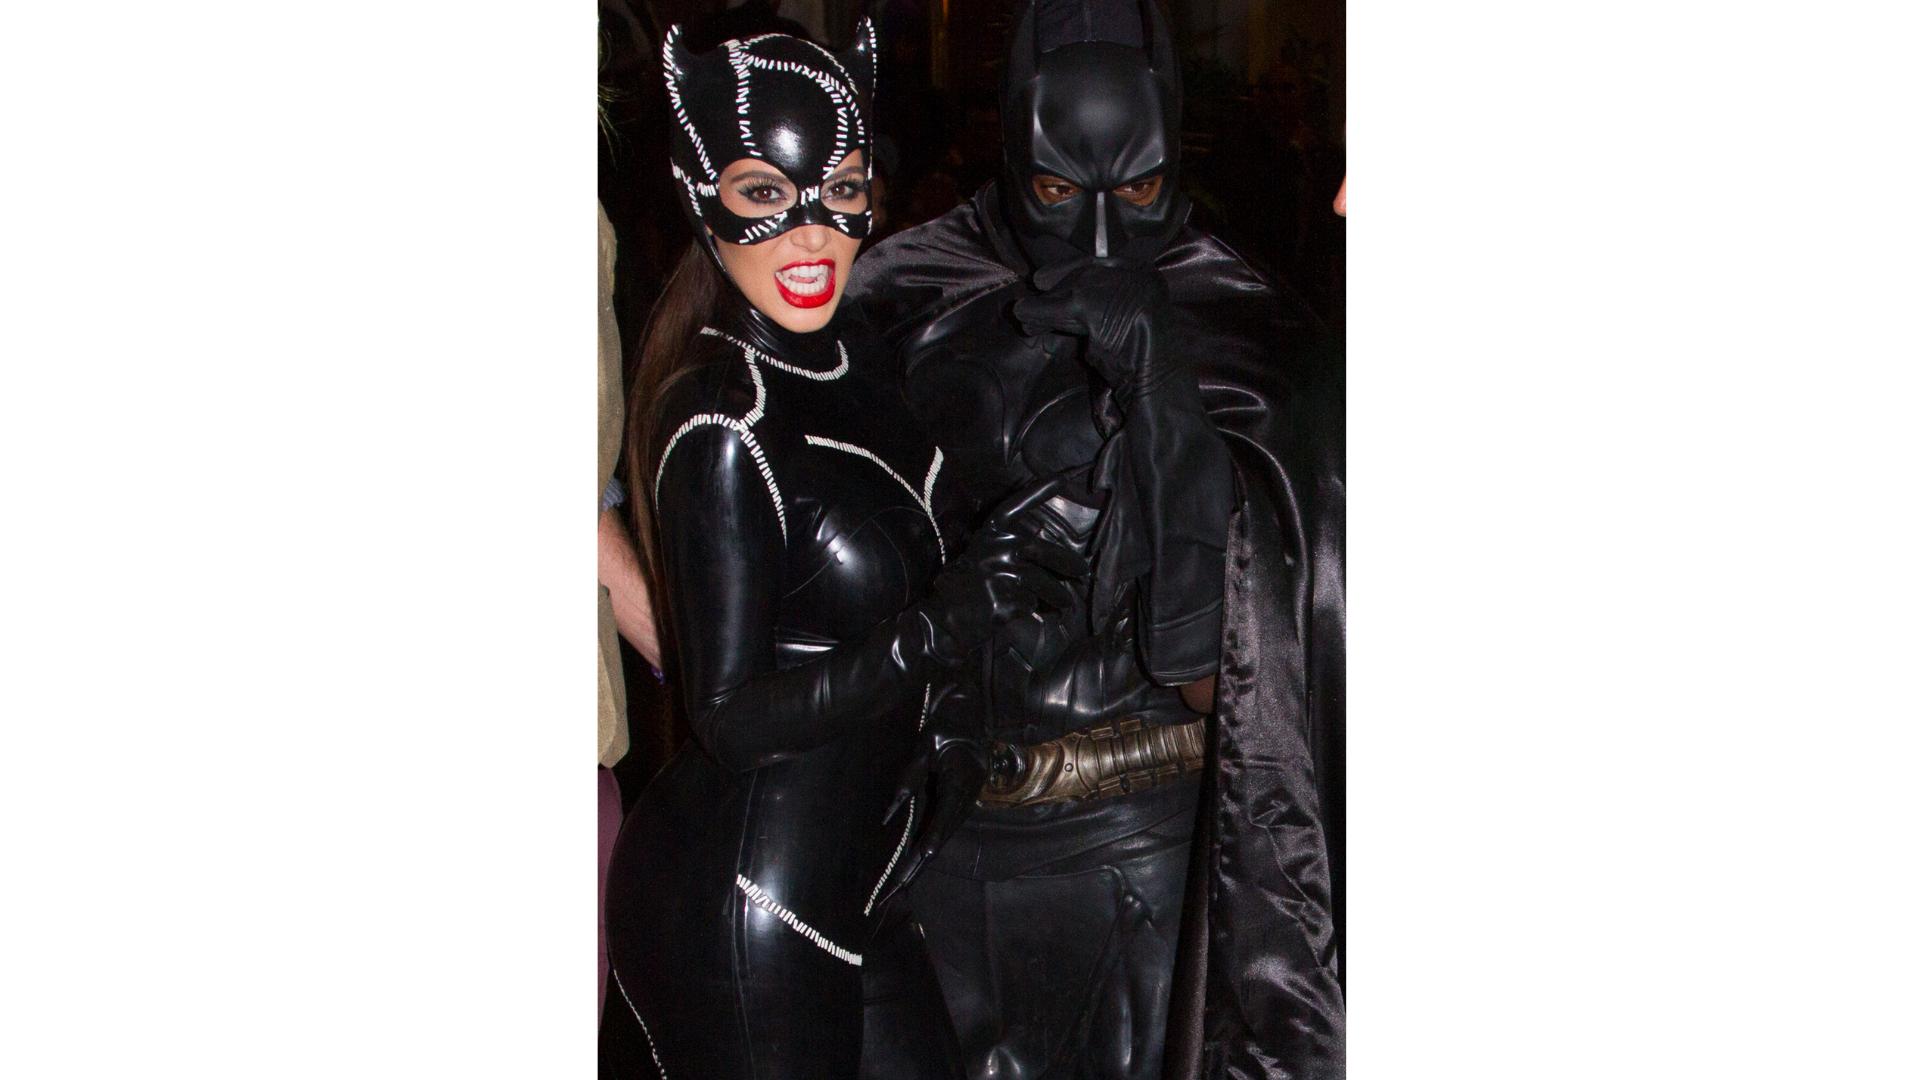 Kim Kardashian en Catwoman et Kanye West en Batman.